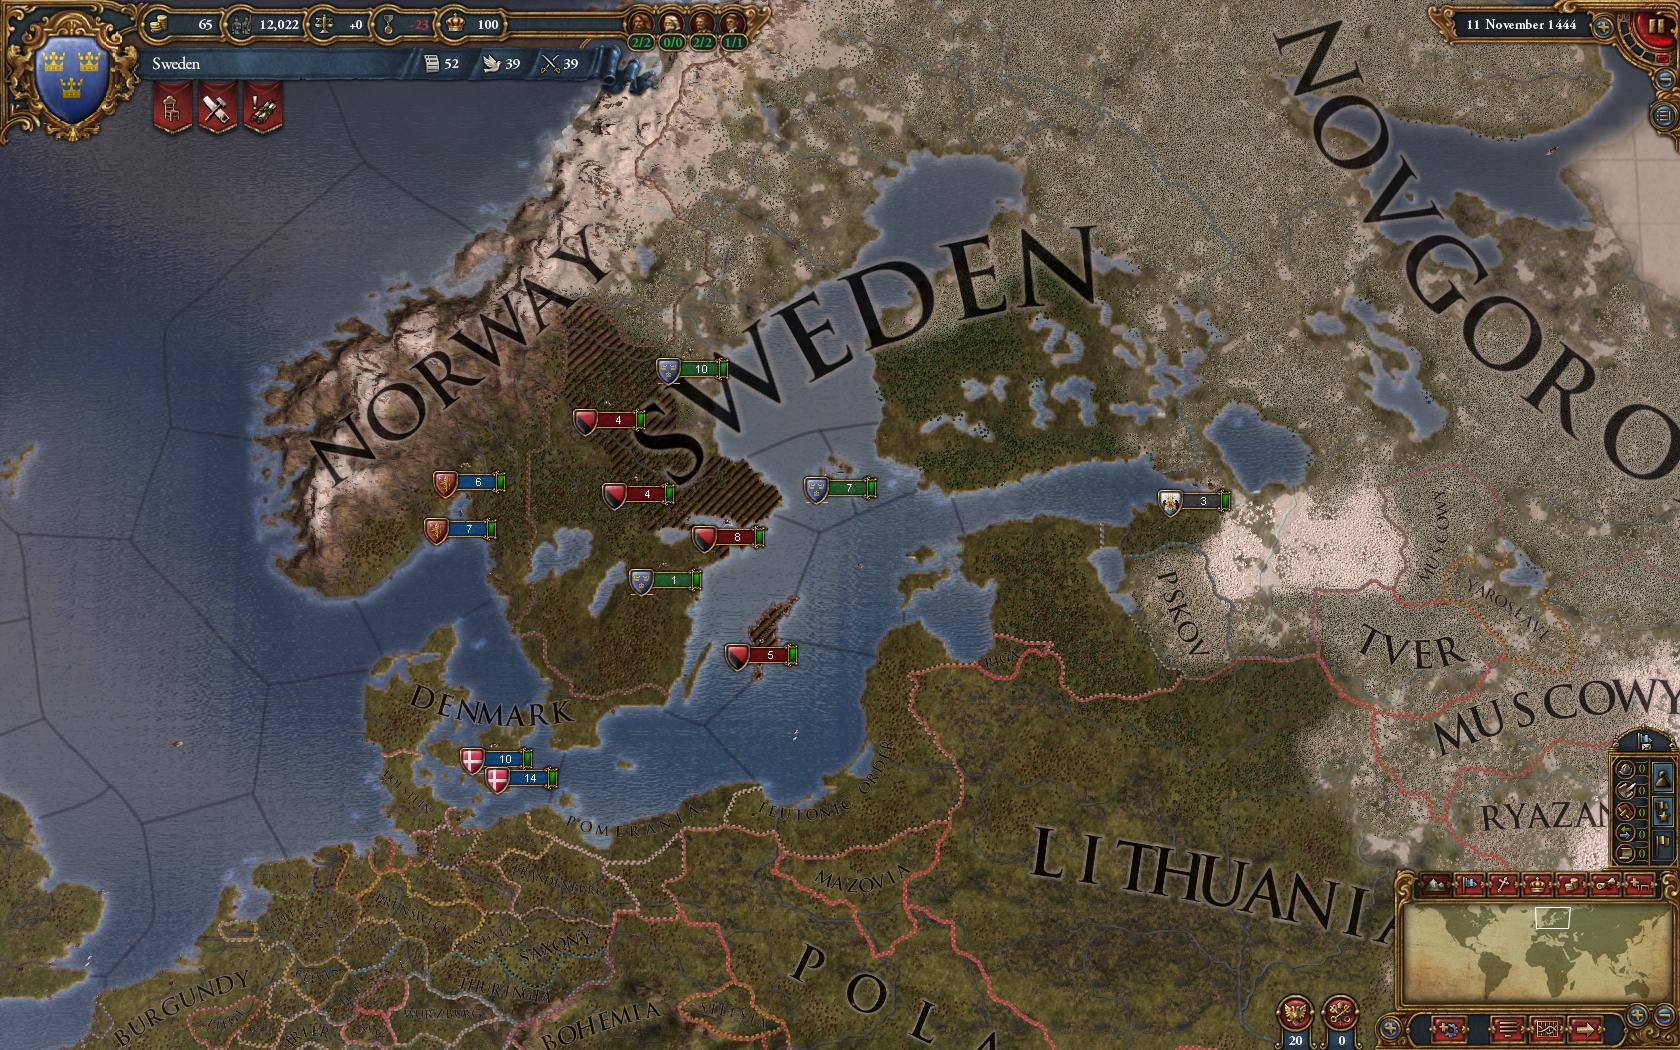 Отличие игры европа 3 от европы 4